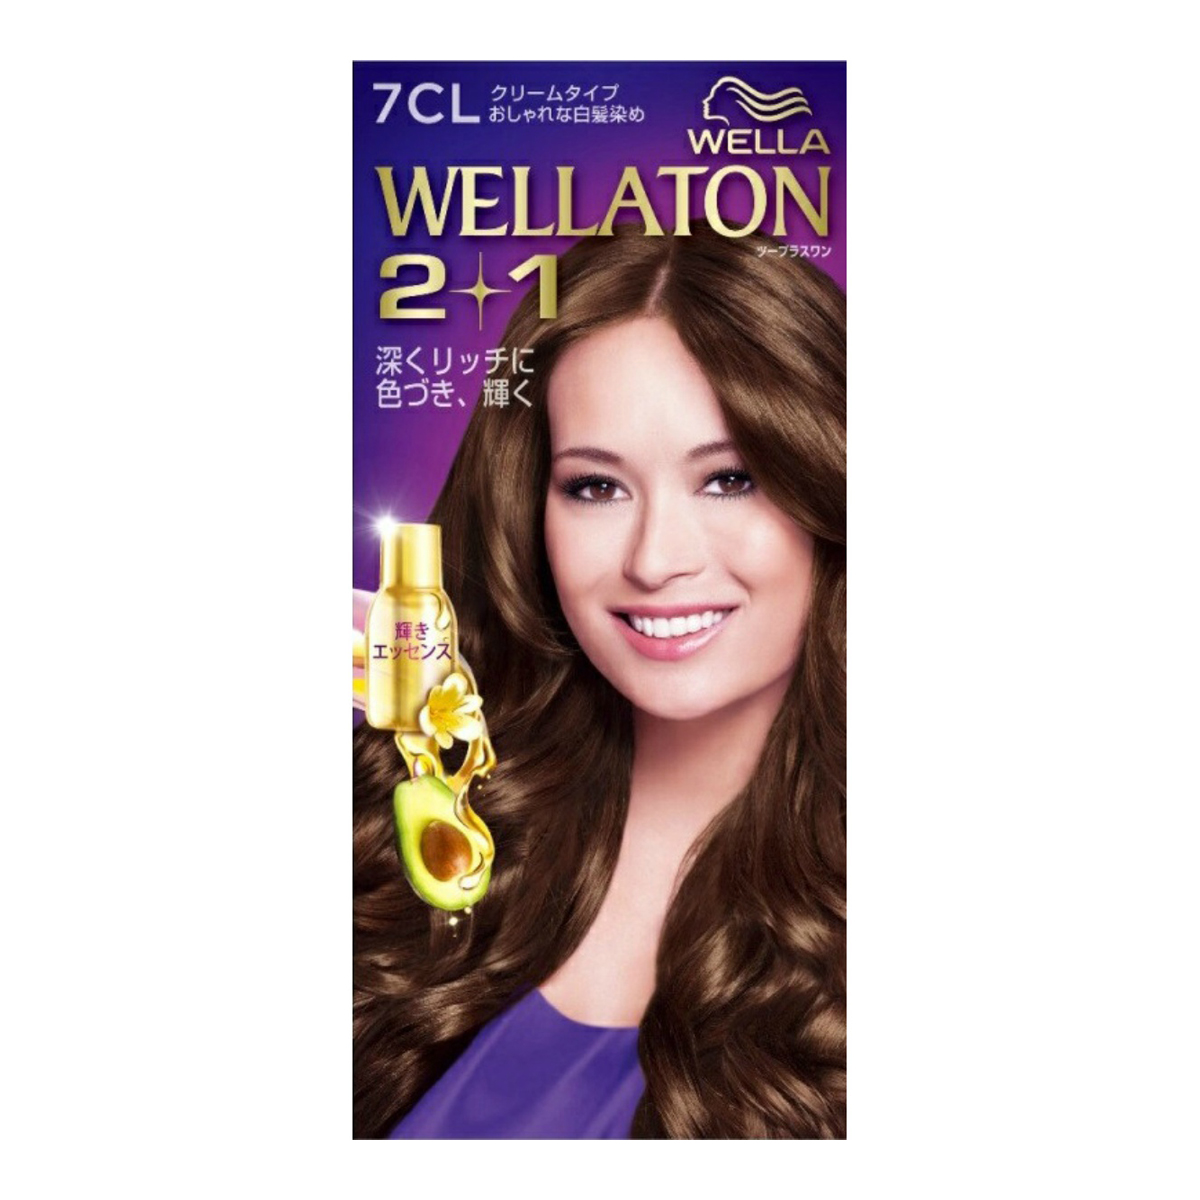 『どこを見られても、リッチな髪色』 ウエラトーン ツープラスワン ( 2+1 ) クリーム 7CL ( 女性用白髪染め ) ( 4056800251117 )